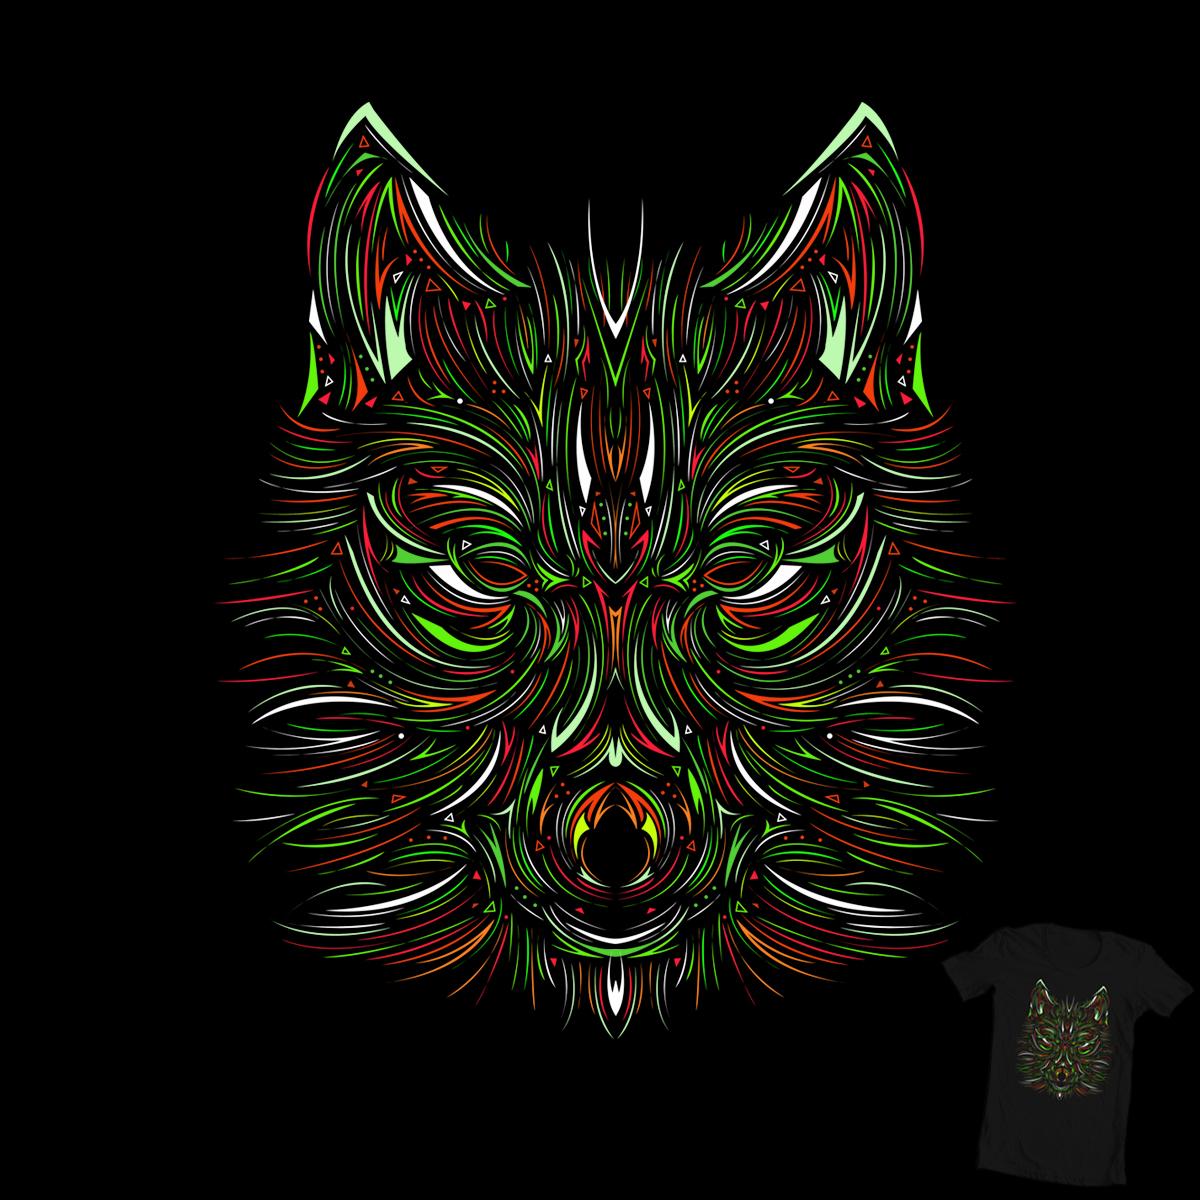 Wolfie by Evan_Luza on Threadless